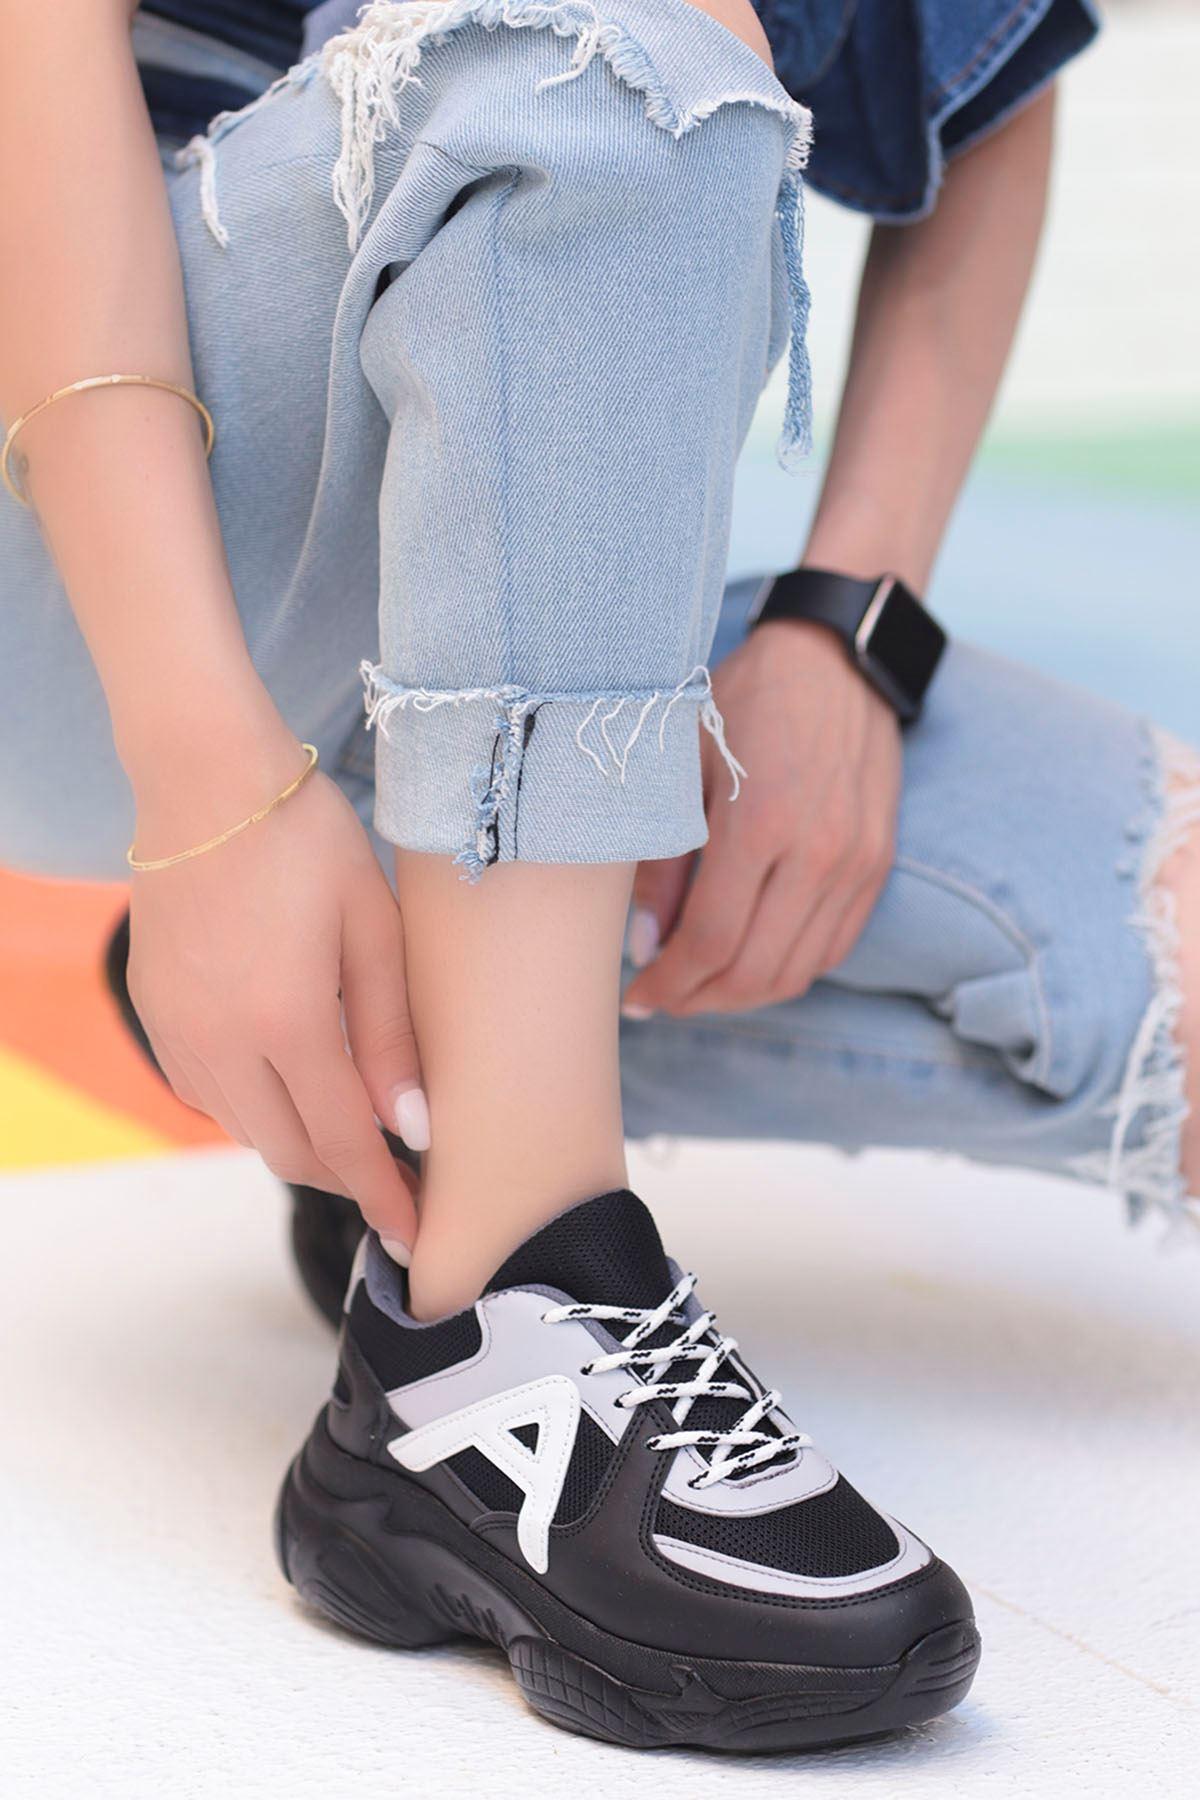 Afra A Detay Spor Ayakkabı Siyah Beyaz Detay